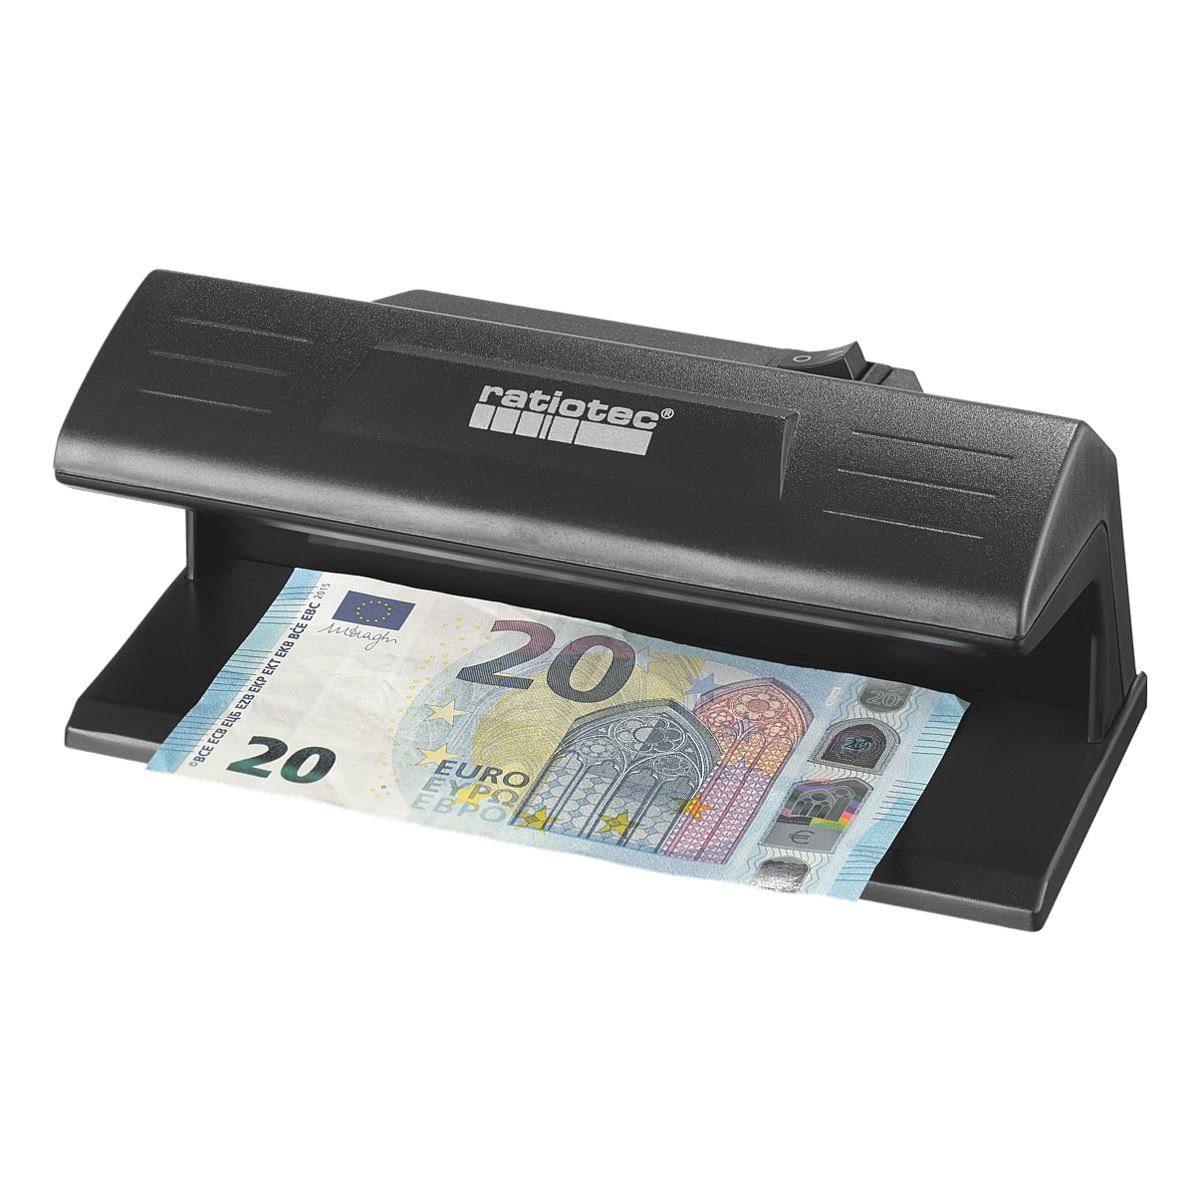 ratiotec Banknotenprüfgerät »Soldi 120«